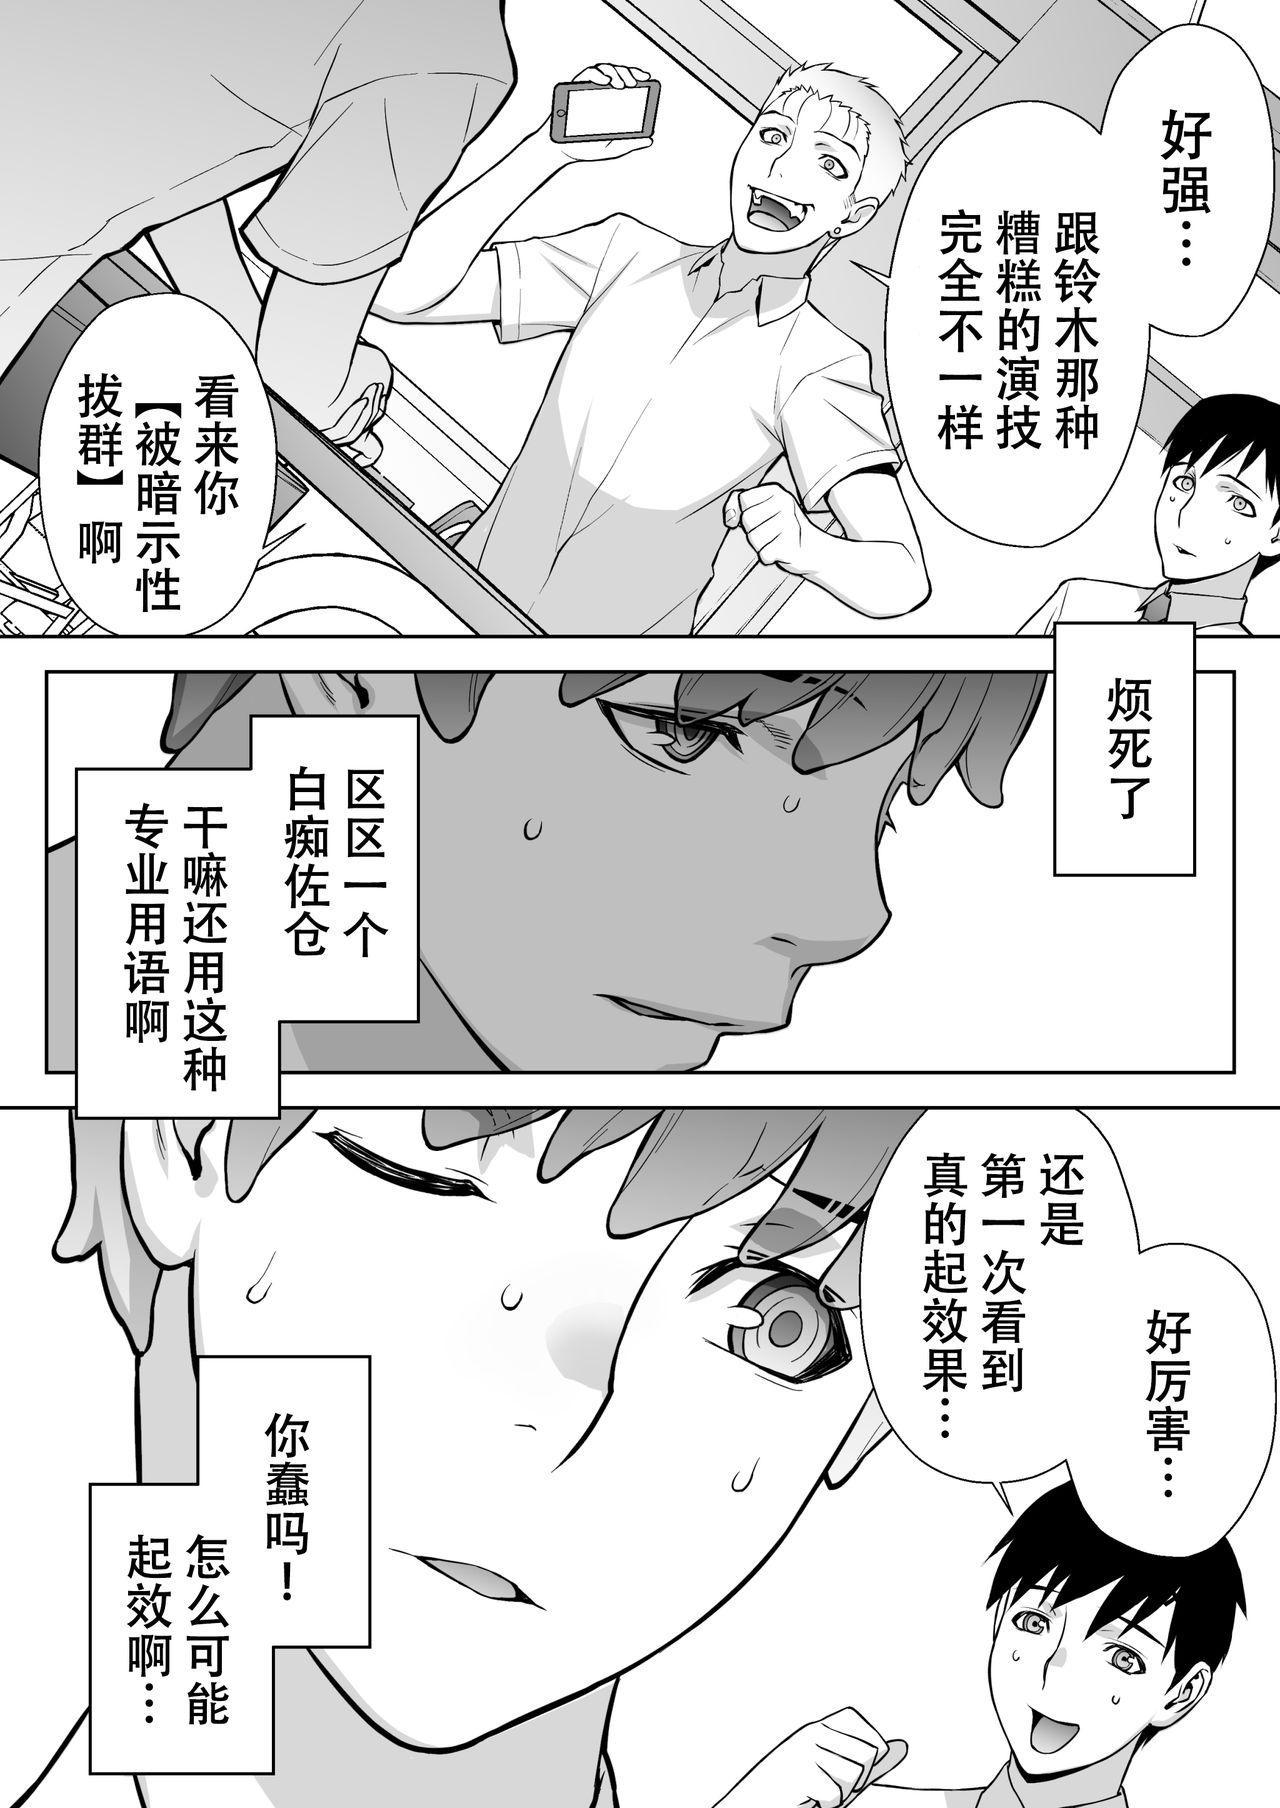 Iinchou wa Saimin Appli o Shinjiteru. 20